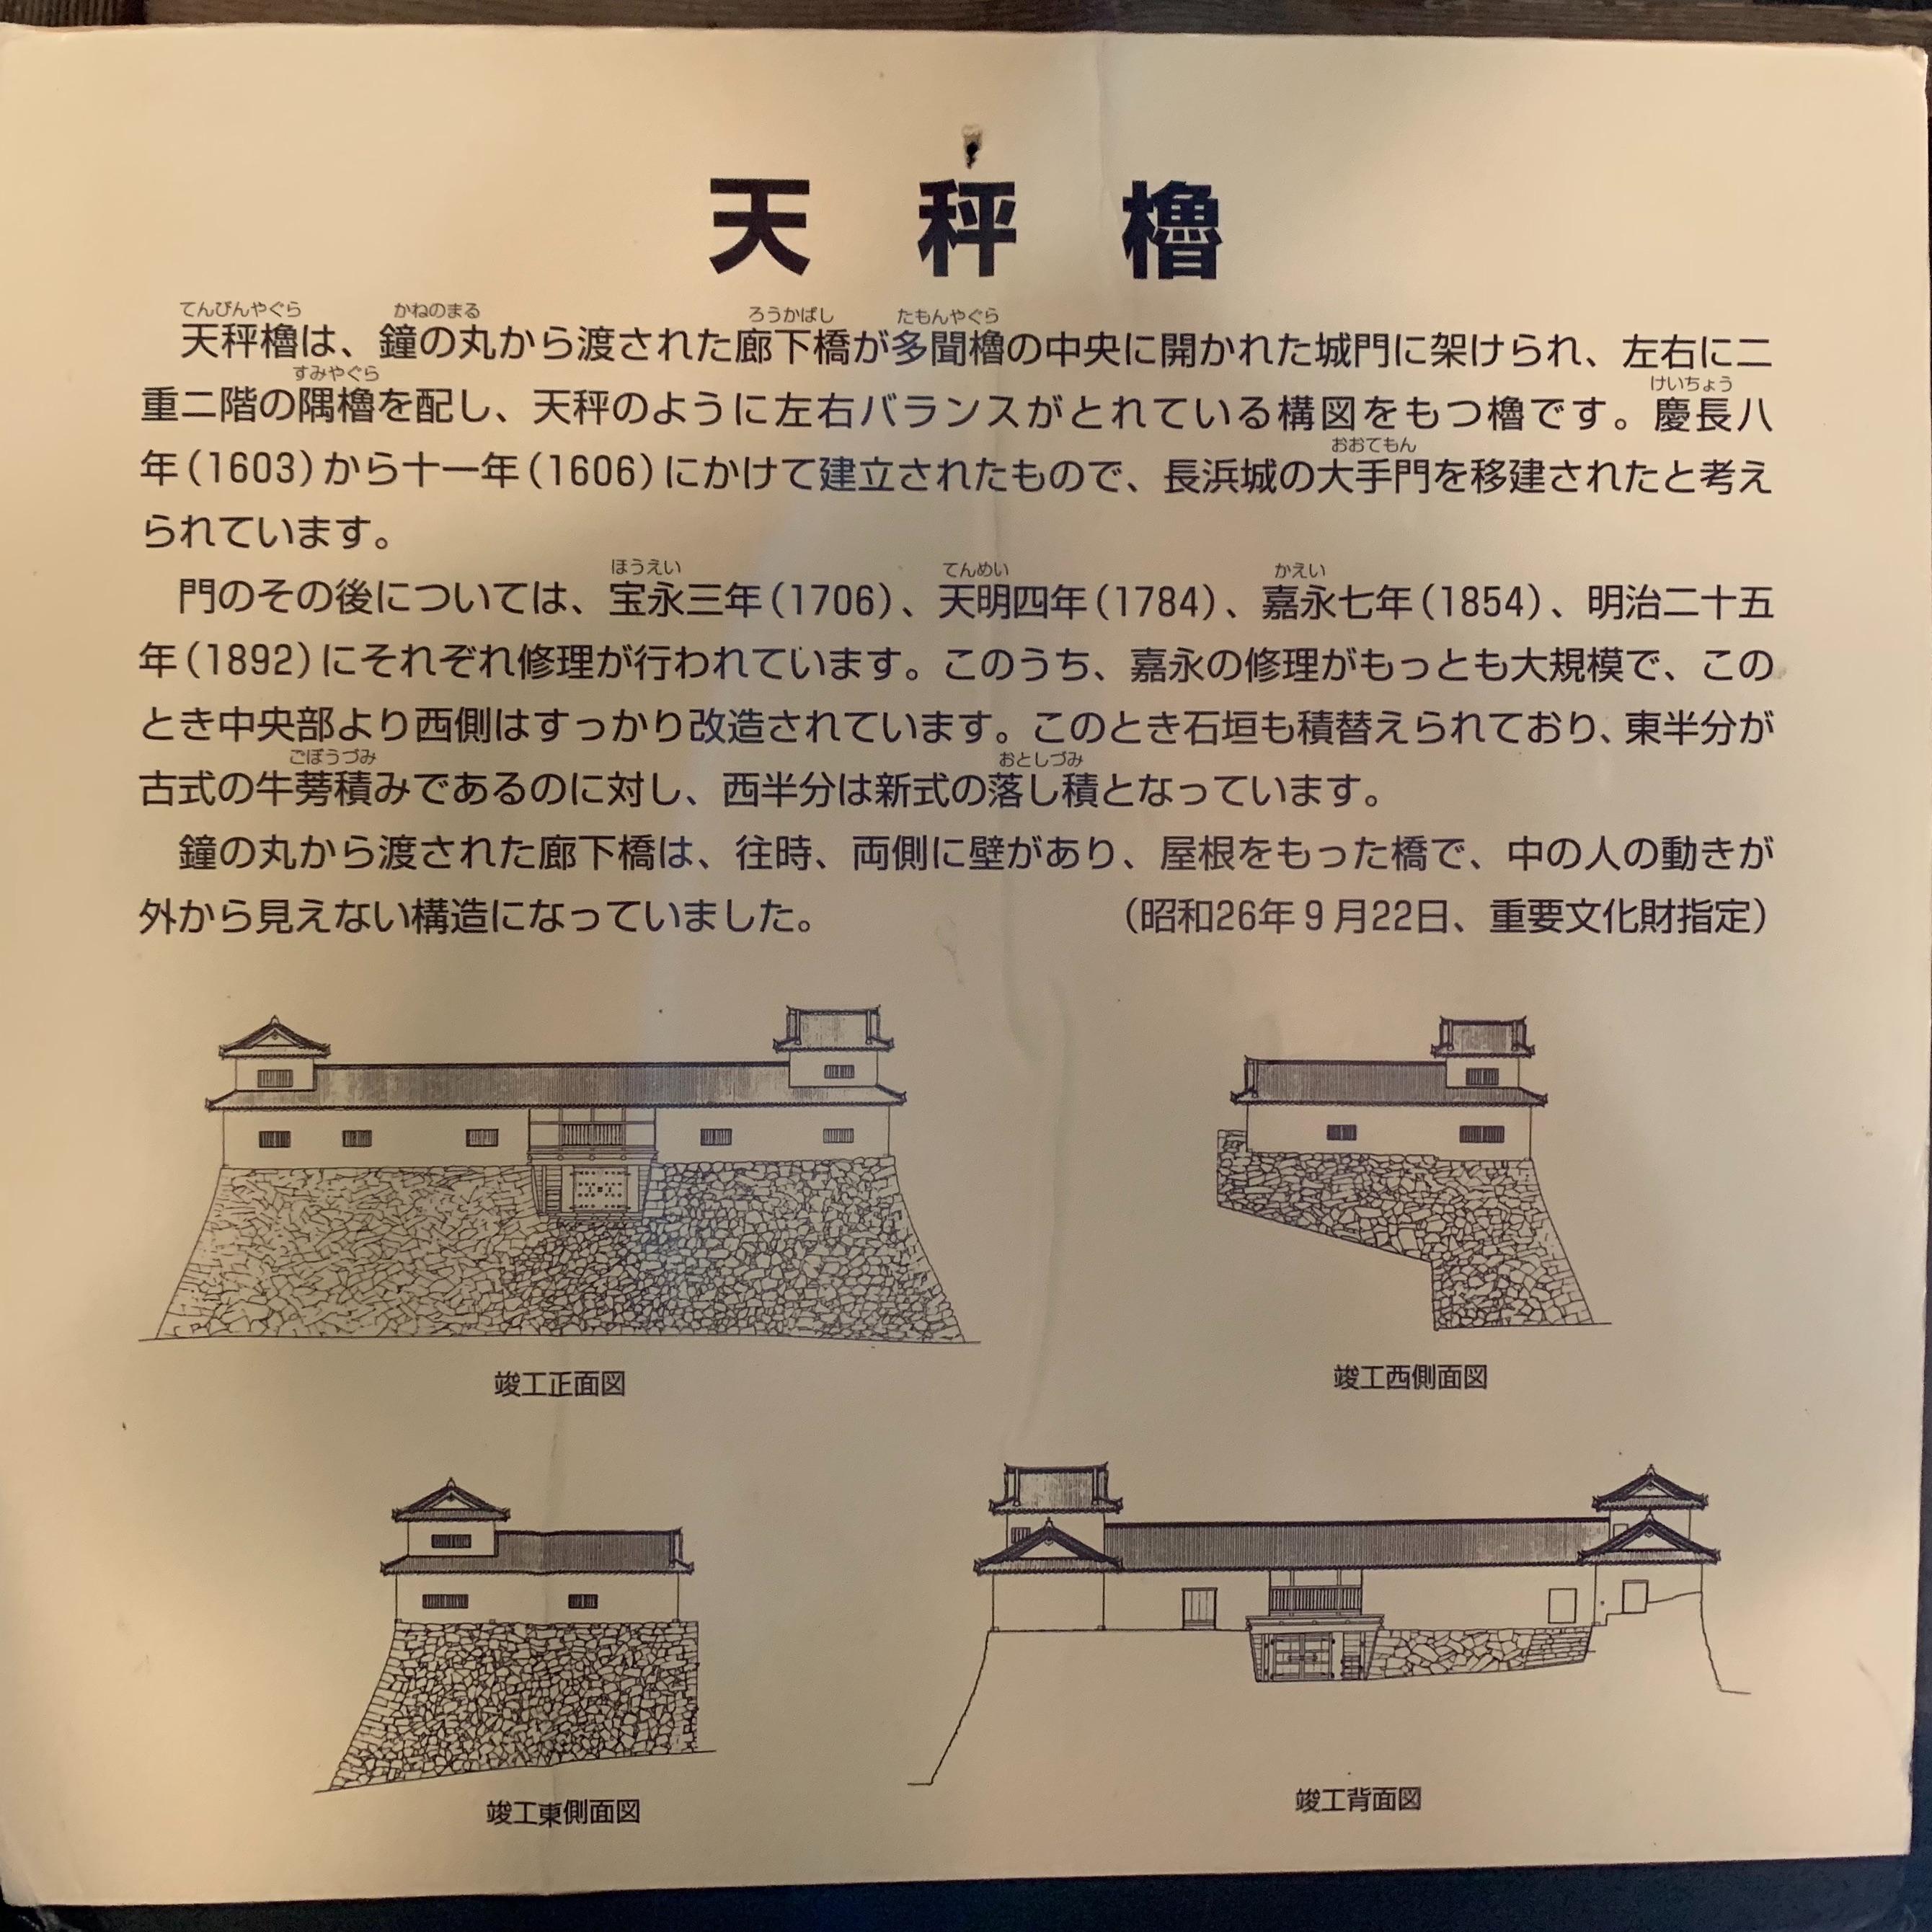 天秤櫓の説明